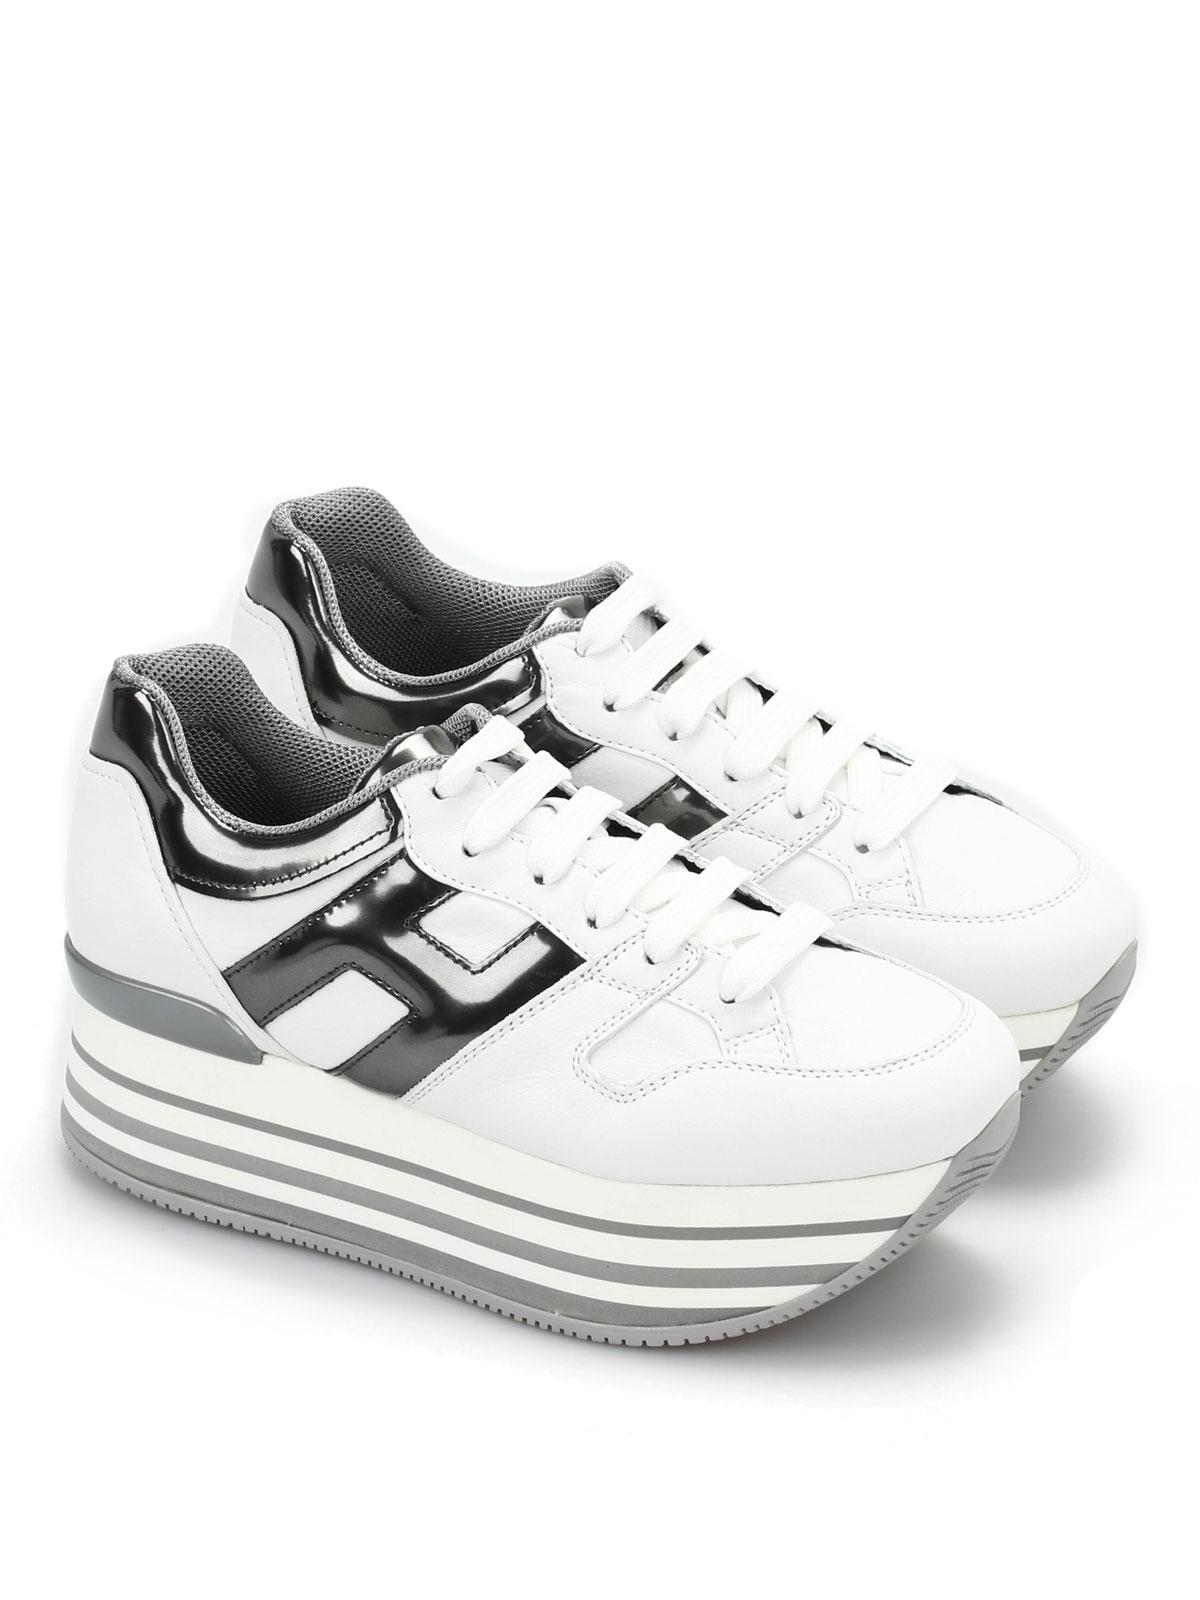 hogan shoes maxi h222